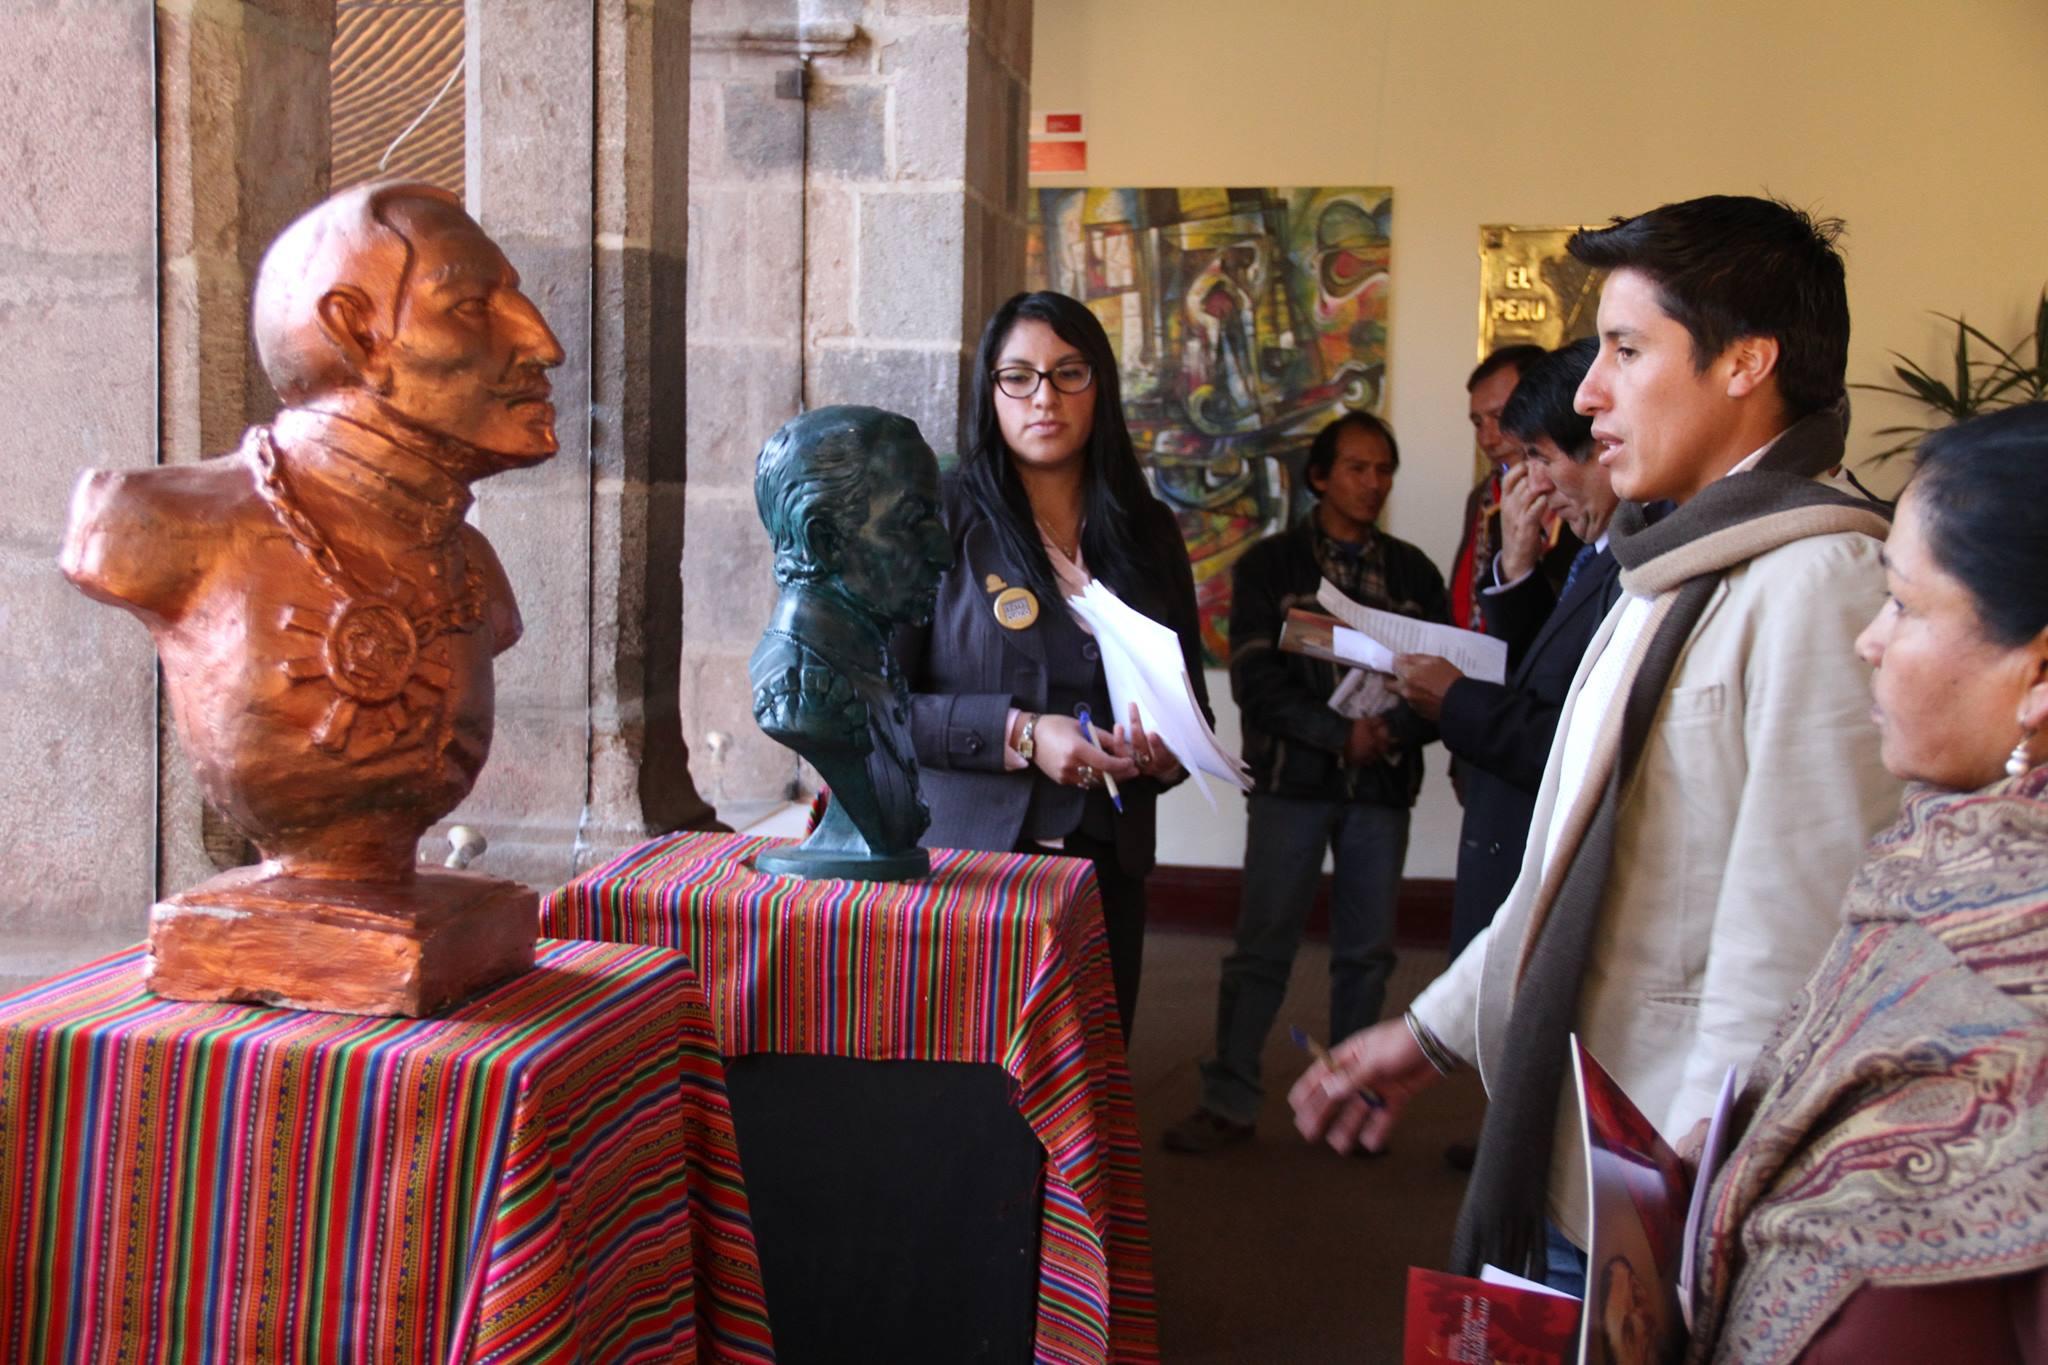 MUNICIPALIDAD DEL CUSCO PREMIÓ PARTICIPACIÓN DE ARTISTAS CUSQUEÑOS EN EL CONCURSO DE BUSTOS GARCILASISTAS